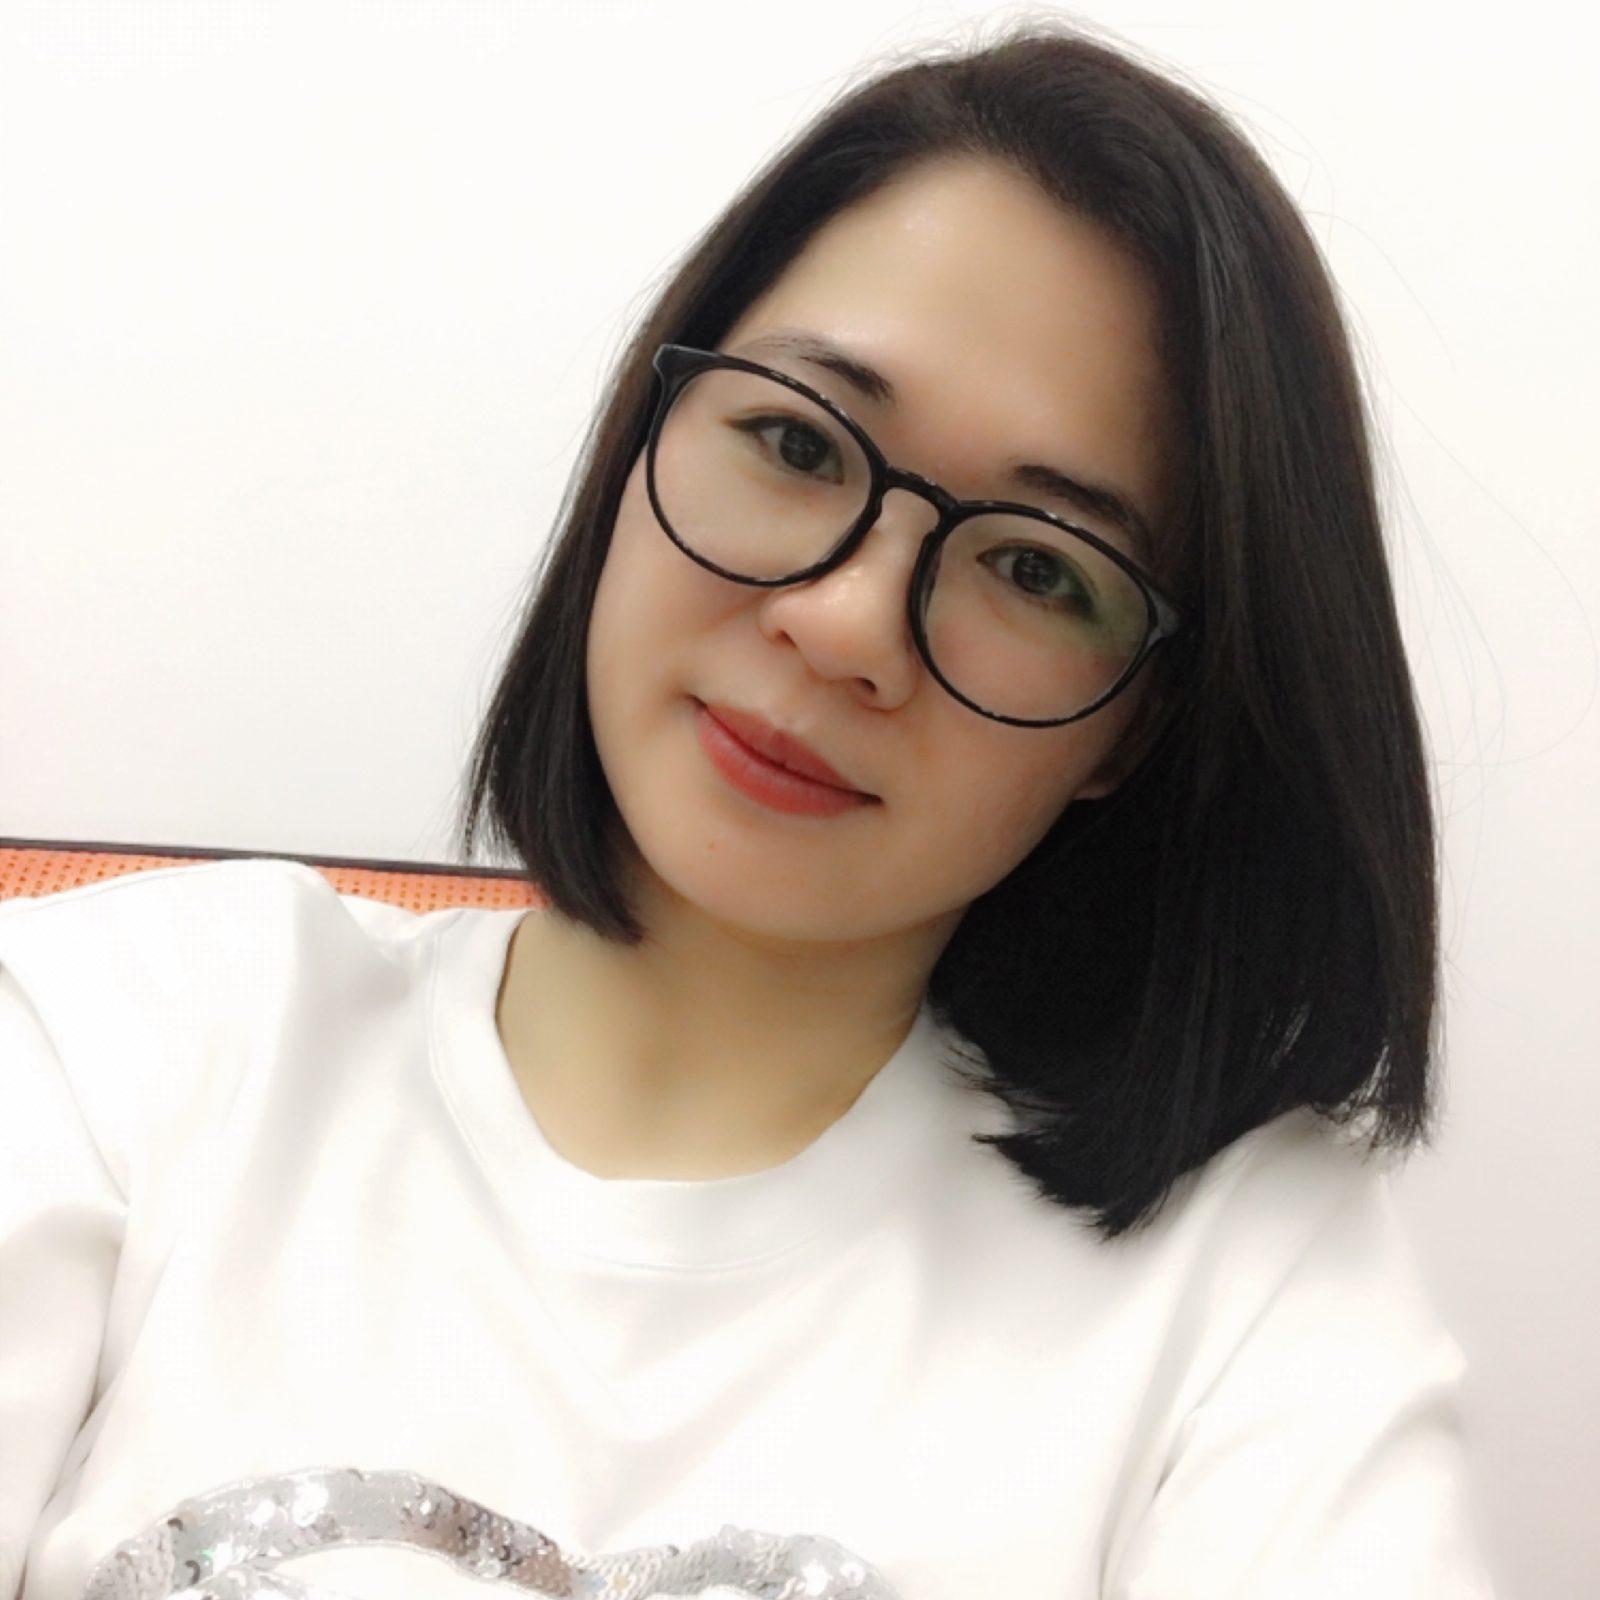 Nguyenlan 1